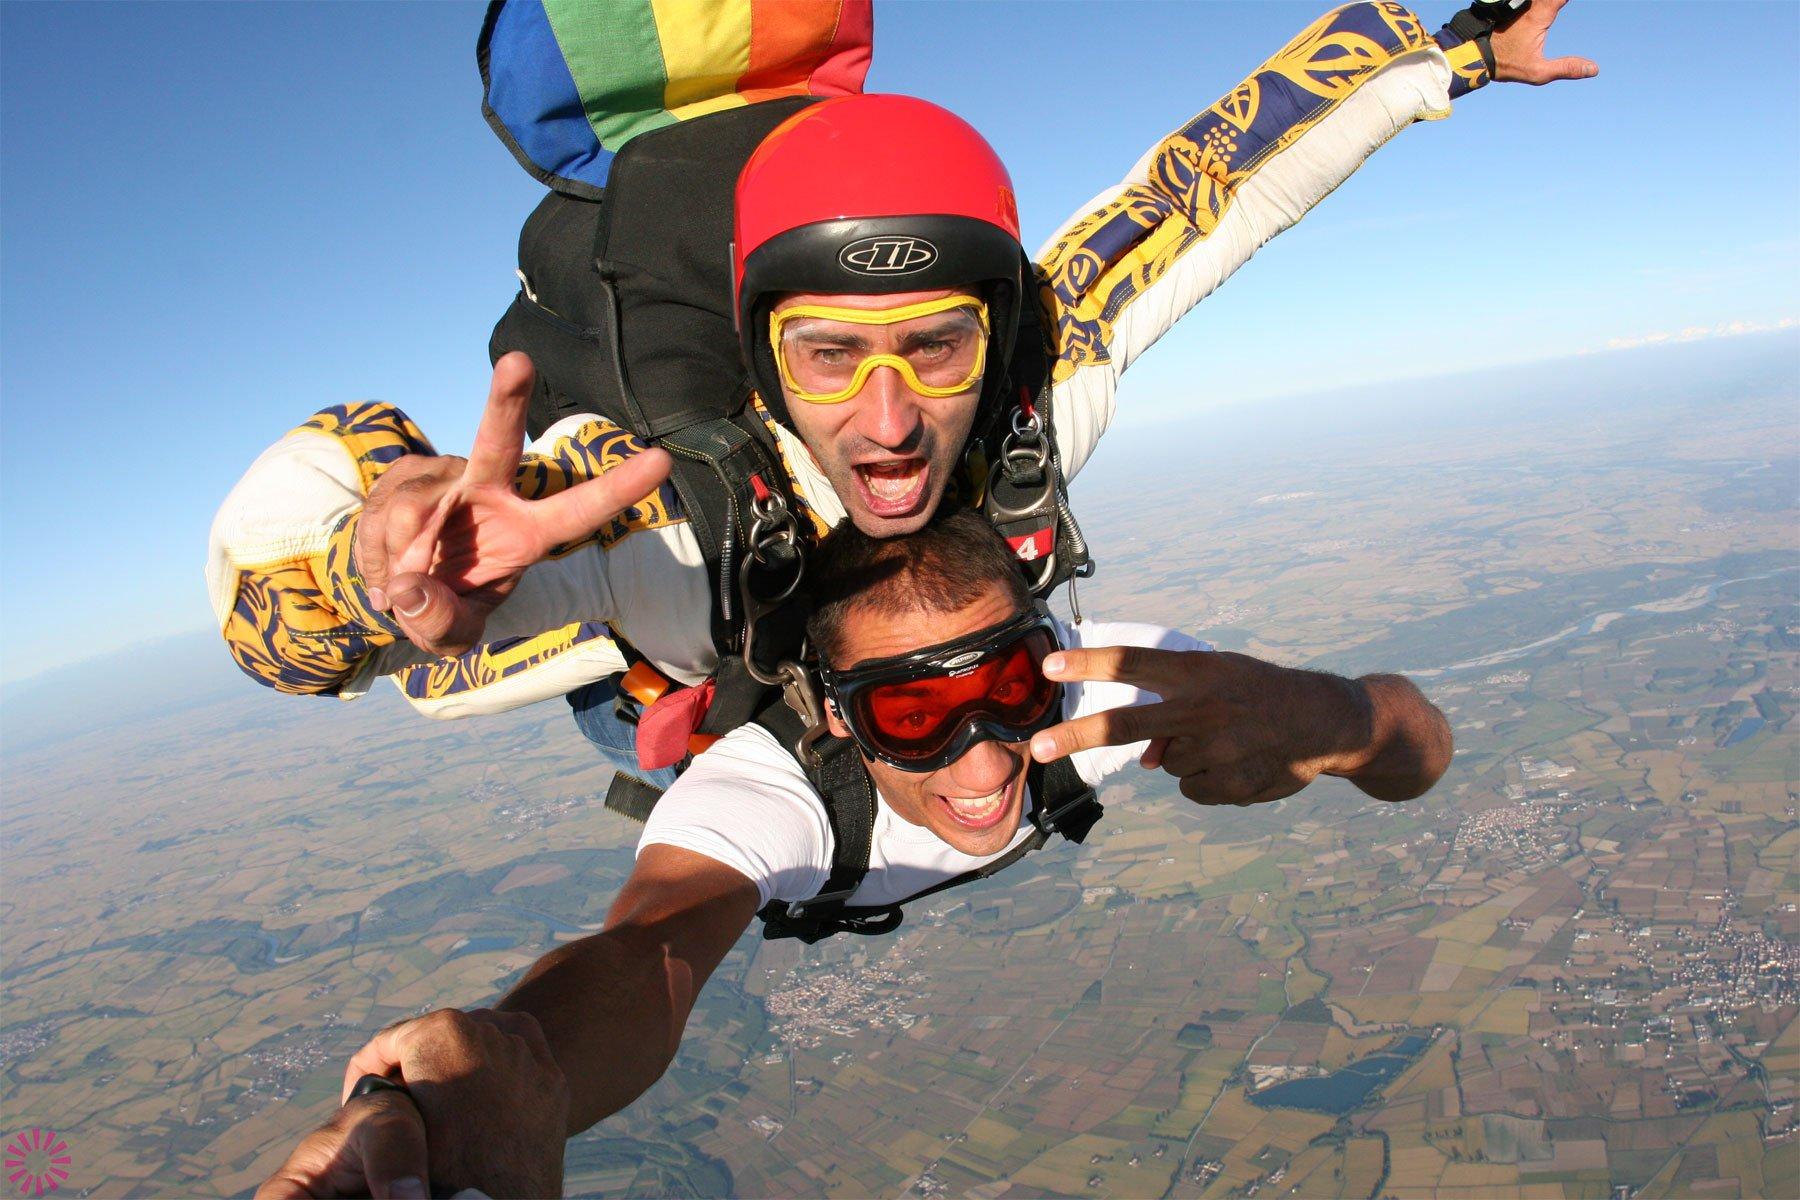 таком парашютные прыжки фотографии в хорошем качестве отдельно огромное спасибо